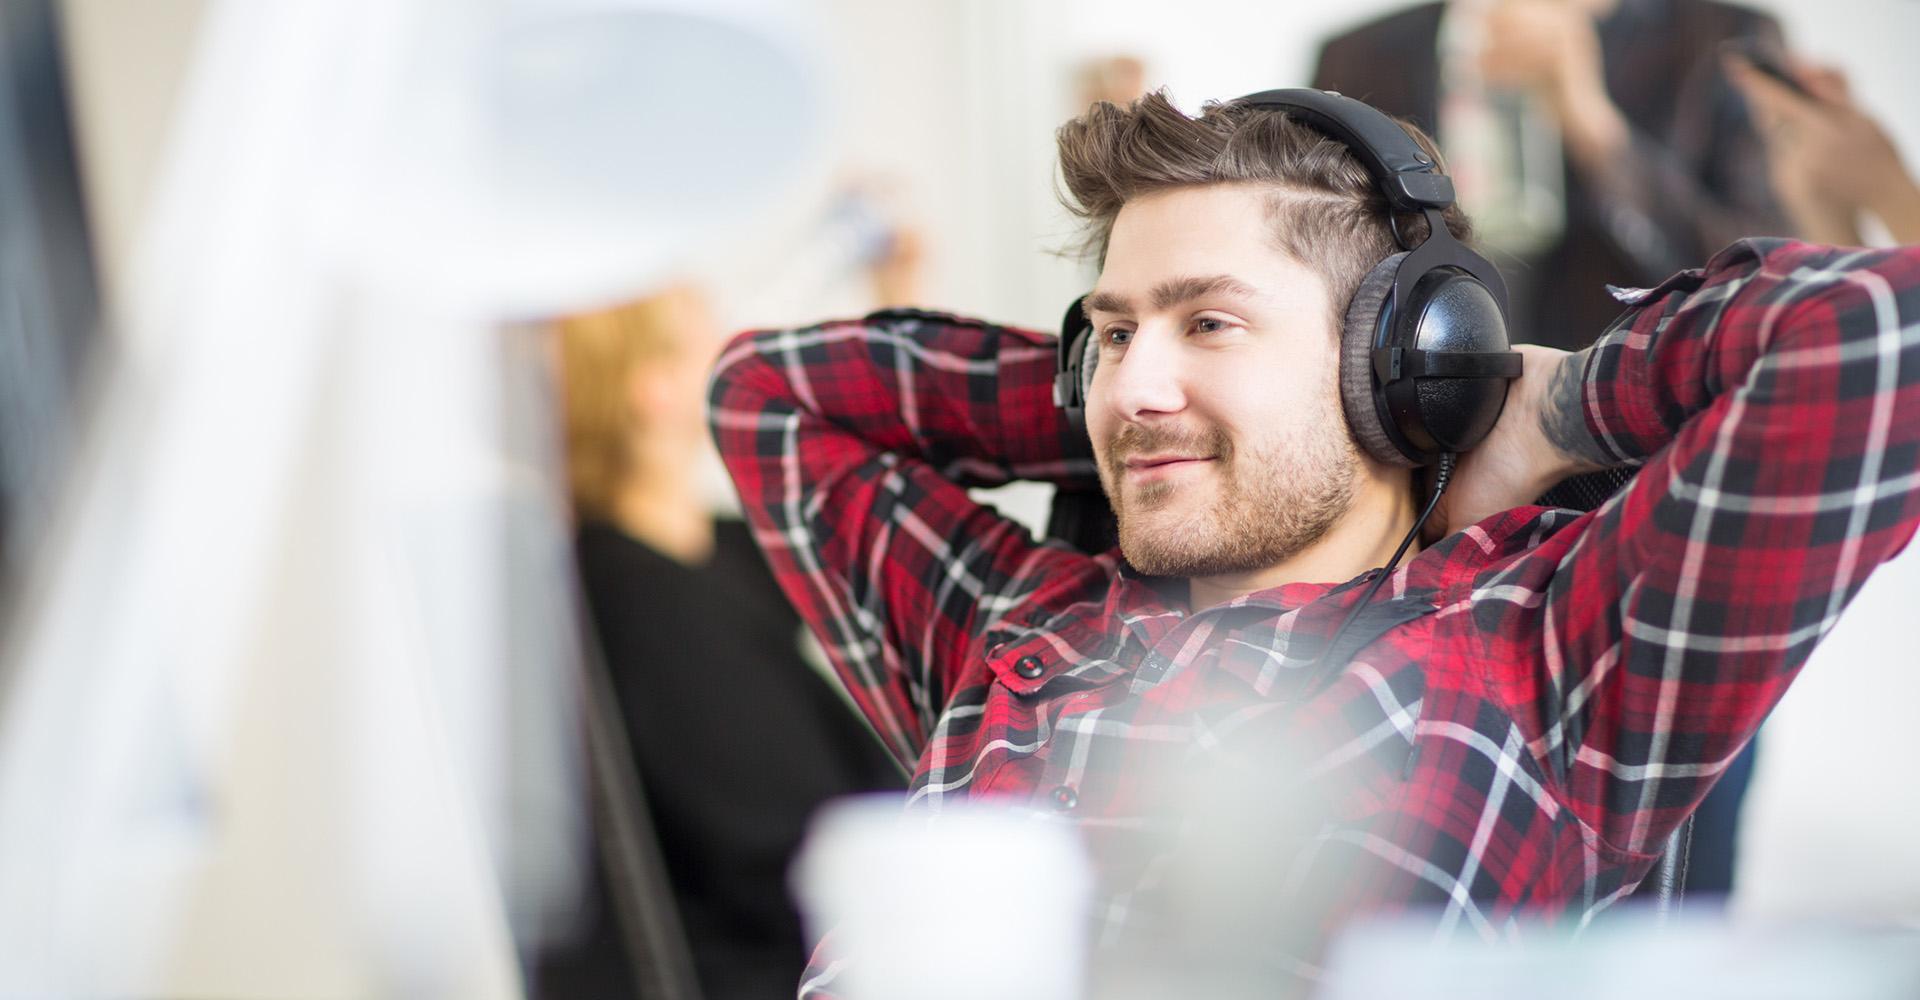 Kopfhörer-Arten: Over-Ears